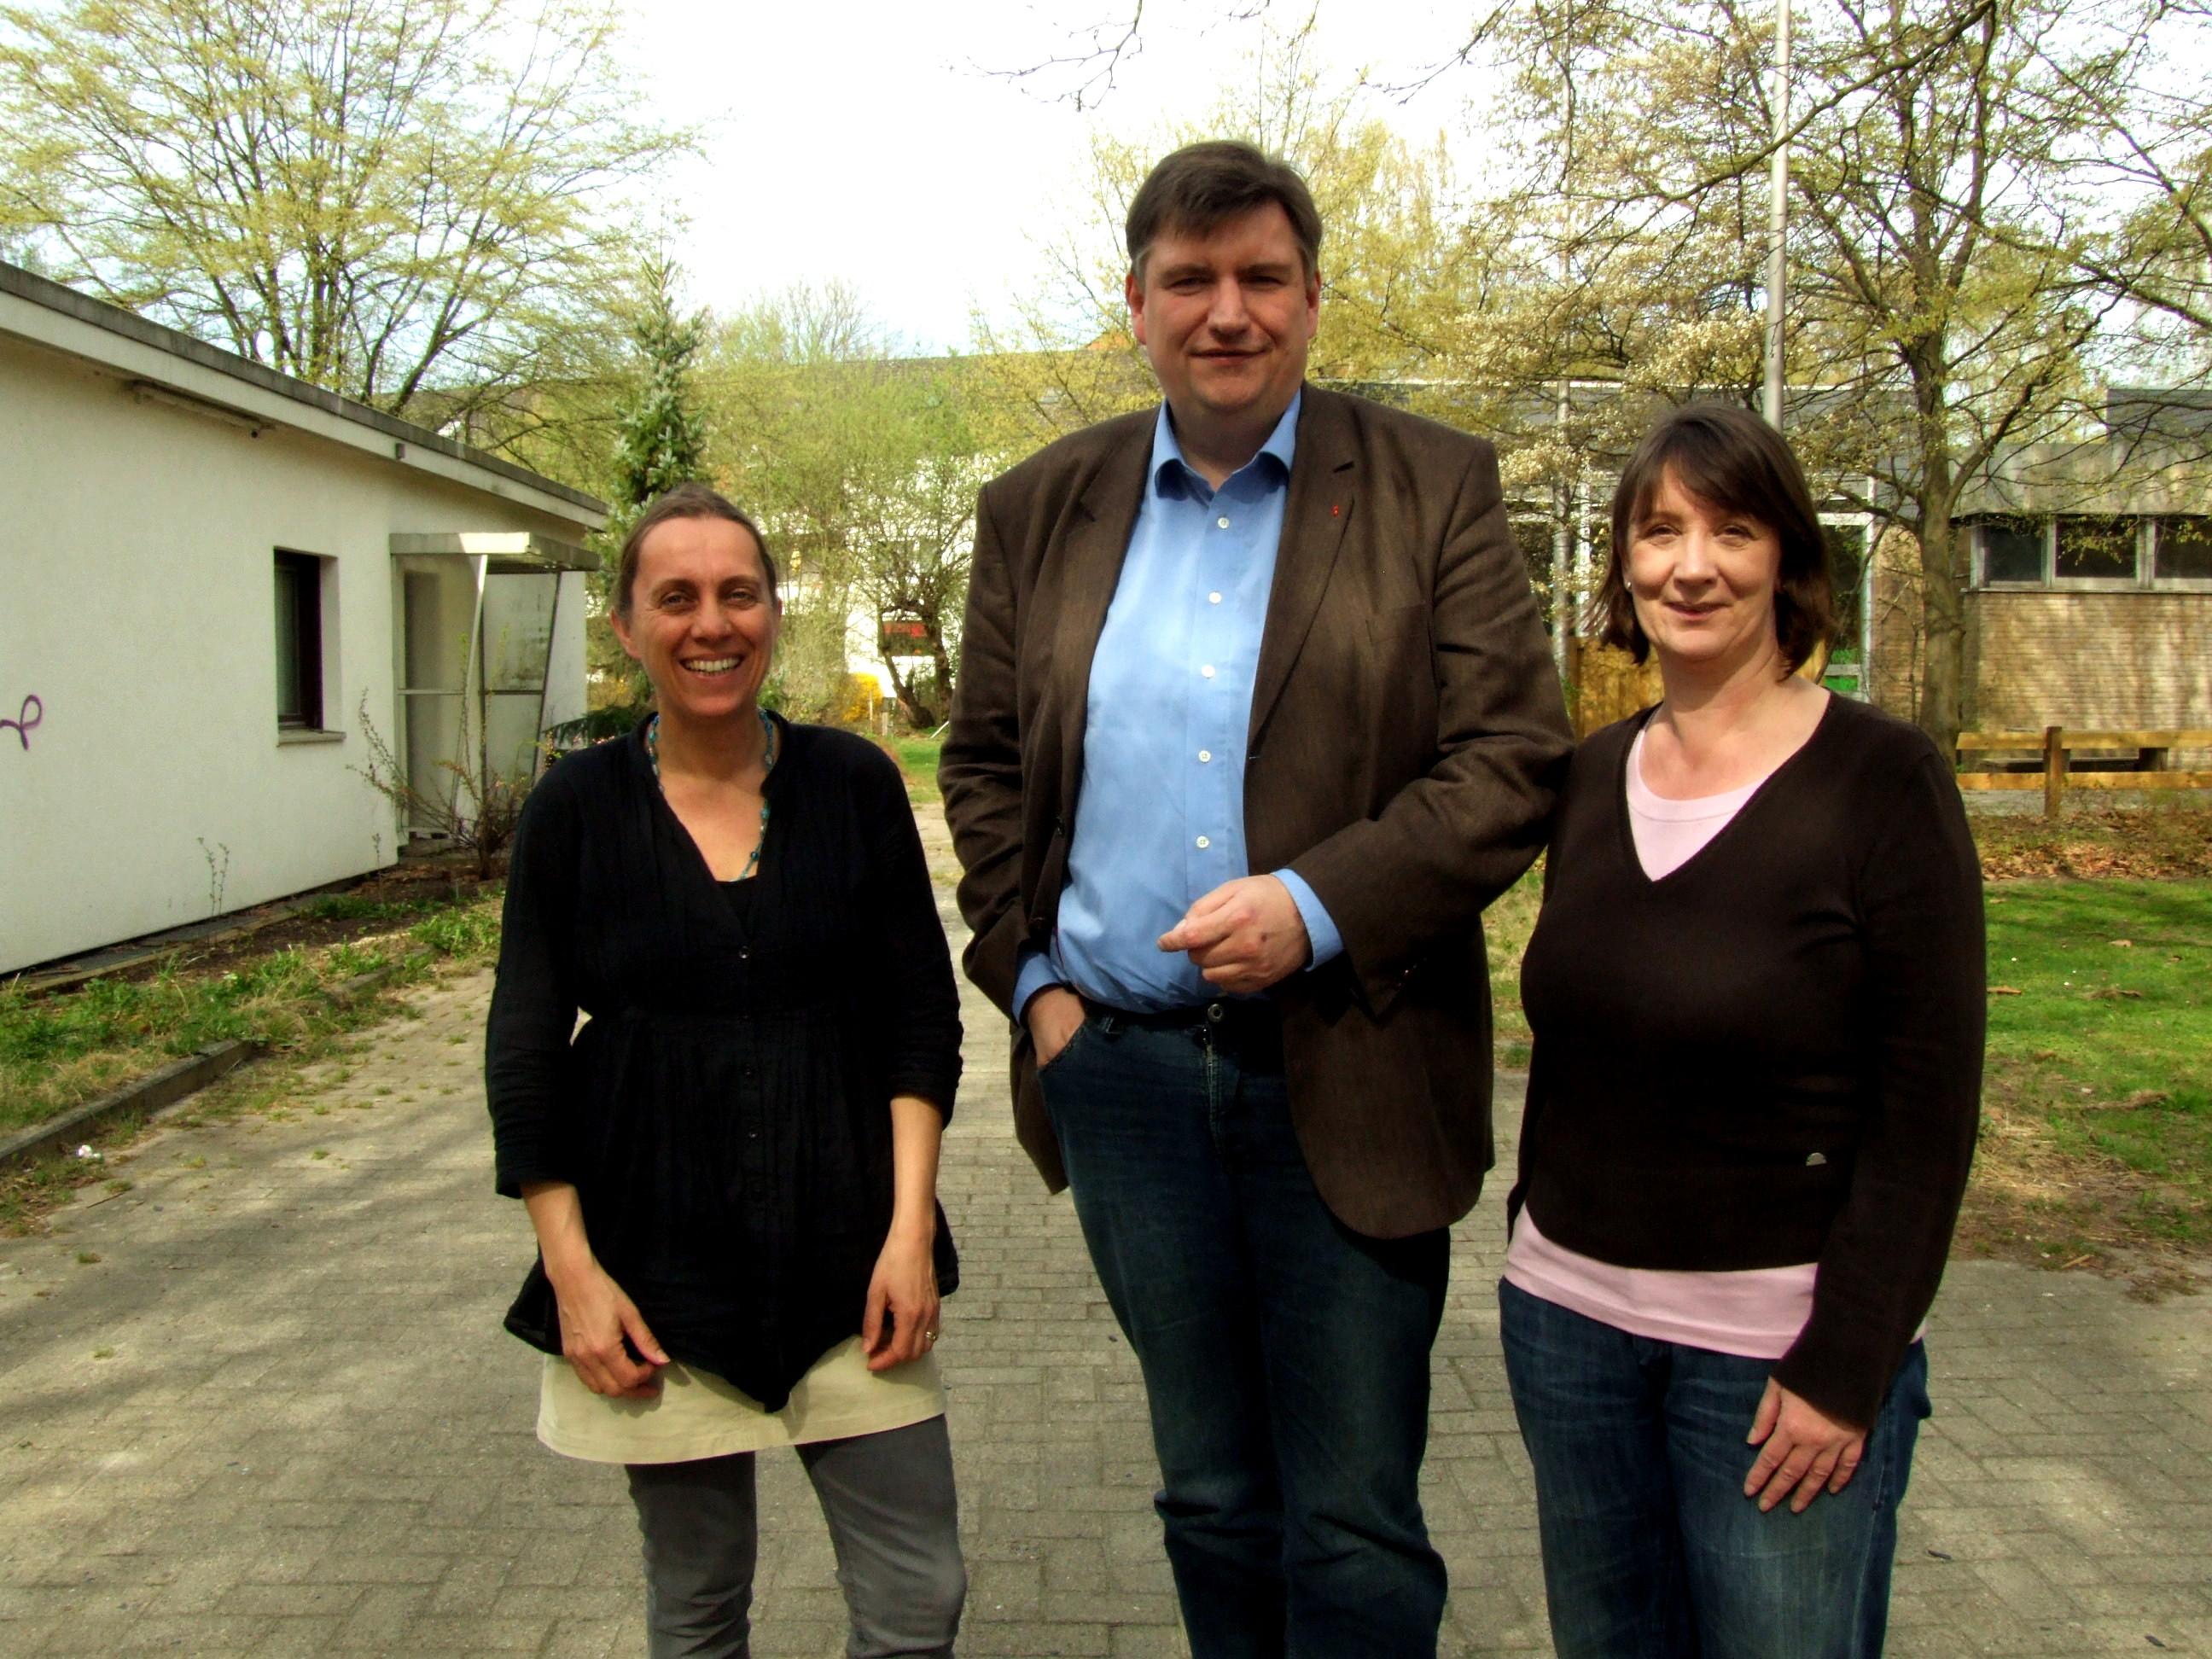 Das Foto zeigt Einrichtungsleiterin Karen Weiß sowie Rainer Hamann und Iris Spieß (beide SPD). Foto: SPD-Abgeordnetengemeinschaft